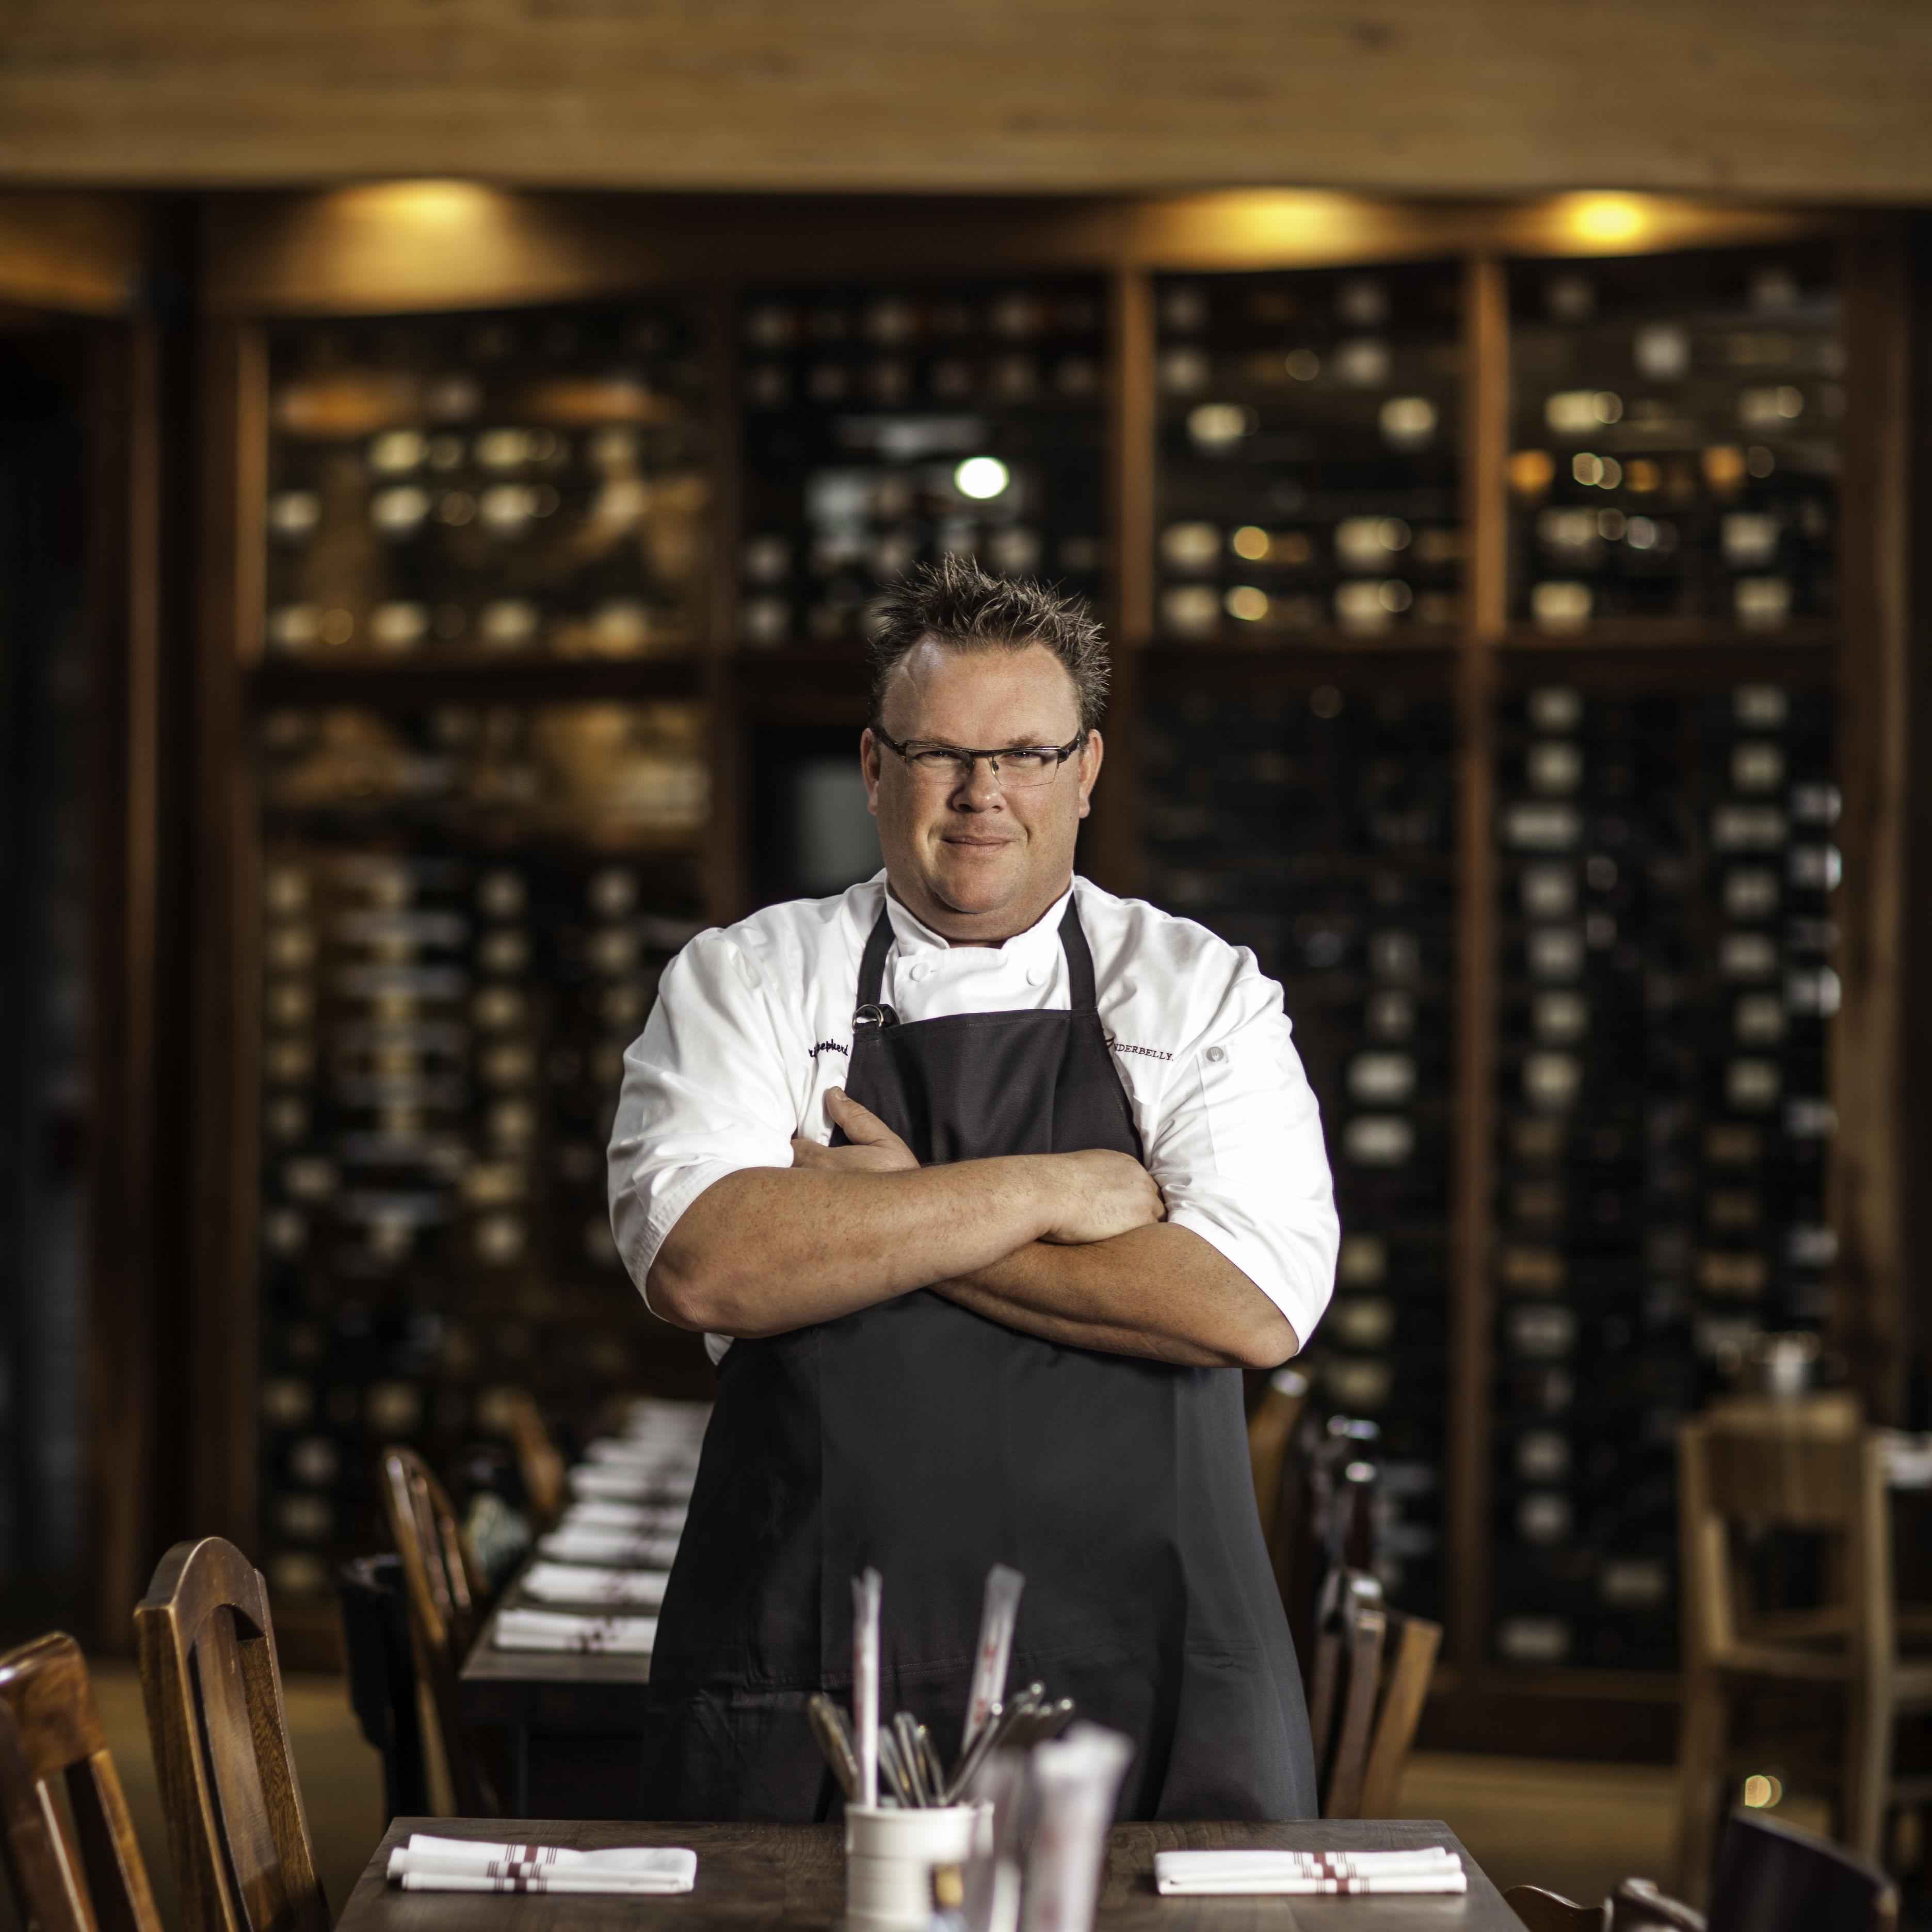 Chef chris shepherd yrixf0